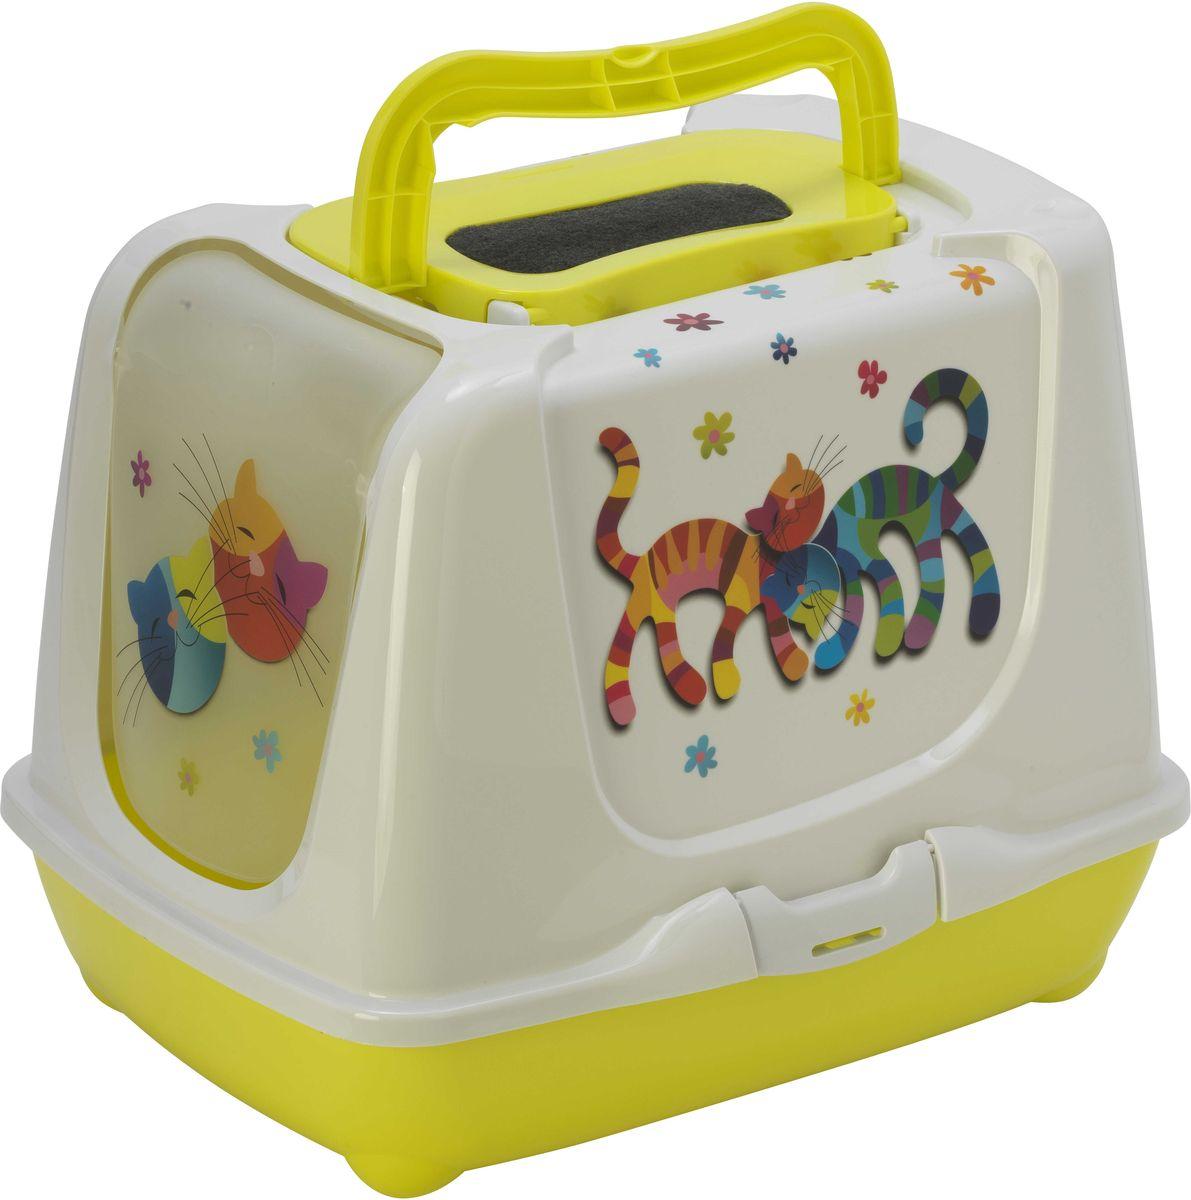 Туалет для кошек Moderna Trendy Cat. Друзья навсегда, закрытый, цвет: лимонный, 50 х 39,5 х 37,5 см0120710Закрытый туалет для кошек Trendy Cat. Друзья навсегда выполнен из высококачественного пластика. Туалет оснащен прозрачной открывающейся дверцей, сменным фильтром и удобной ручкой для переноски. Такой туалет избавит ваш дом от неприятного запаха и разбросанных повсюду частичек наполнителя. Кошка в таком туалете будет чувствовать себя увереннее, ведь в этом укромном уголке ее никто не увидит. Кроме того, яркий дизайн с легкостью впишется в интерьер вашего дома. Туалет легко открывается для чистки благодаря практичным защелкам по бокам.